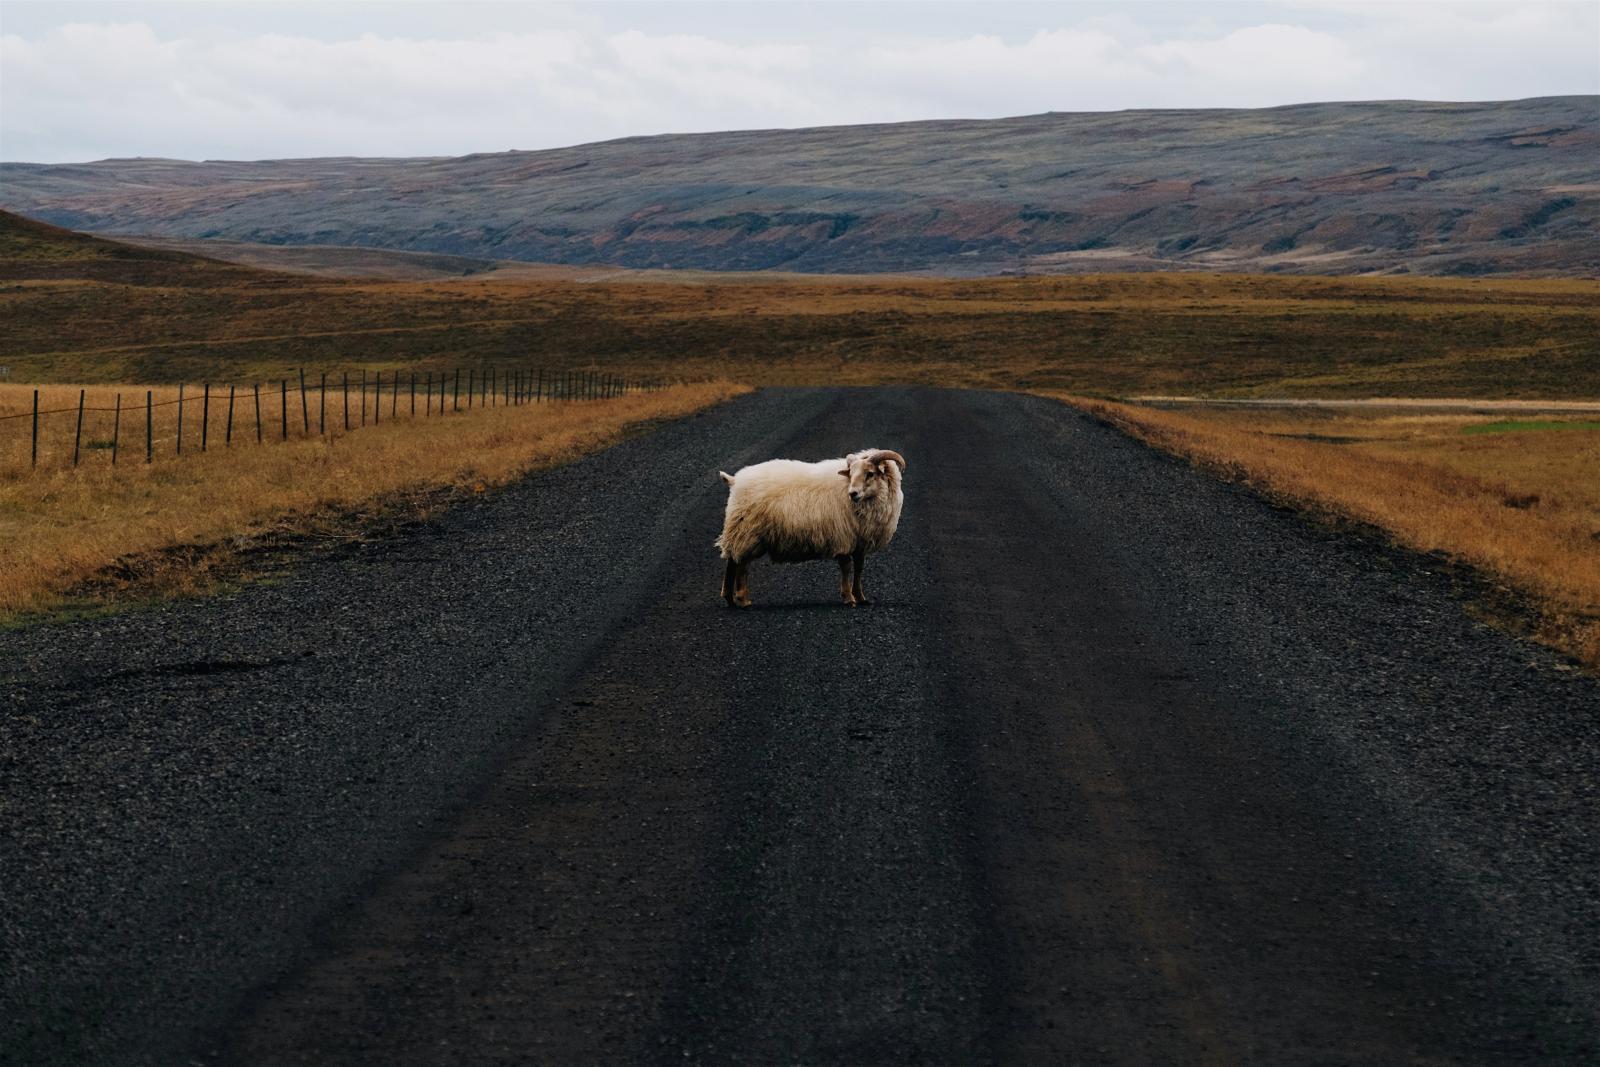 Ne moramo baš uvijek biti ovce :)